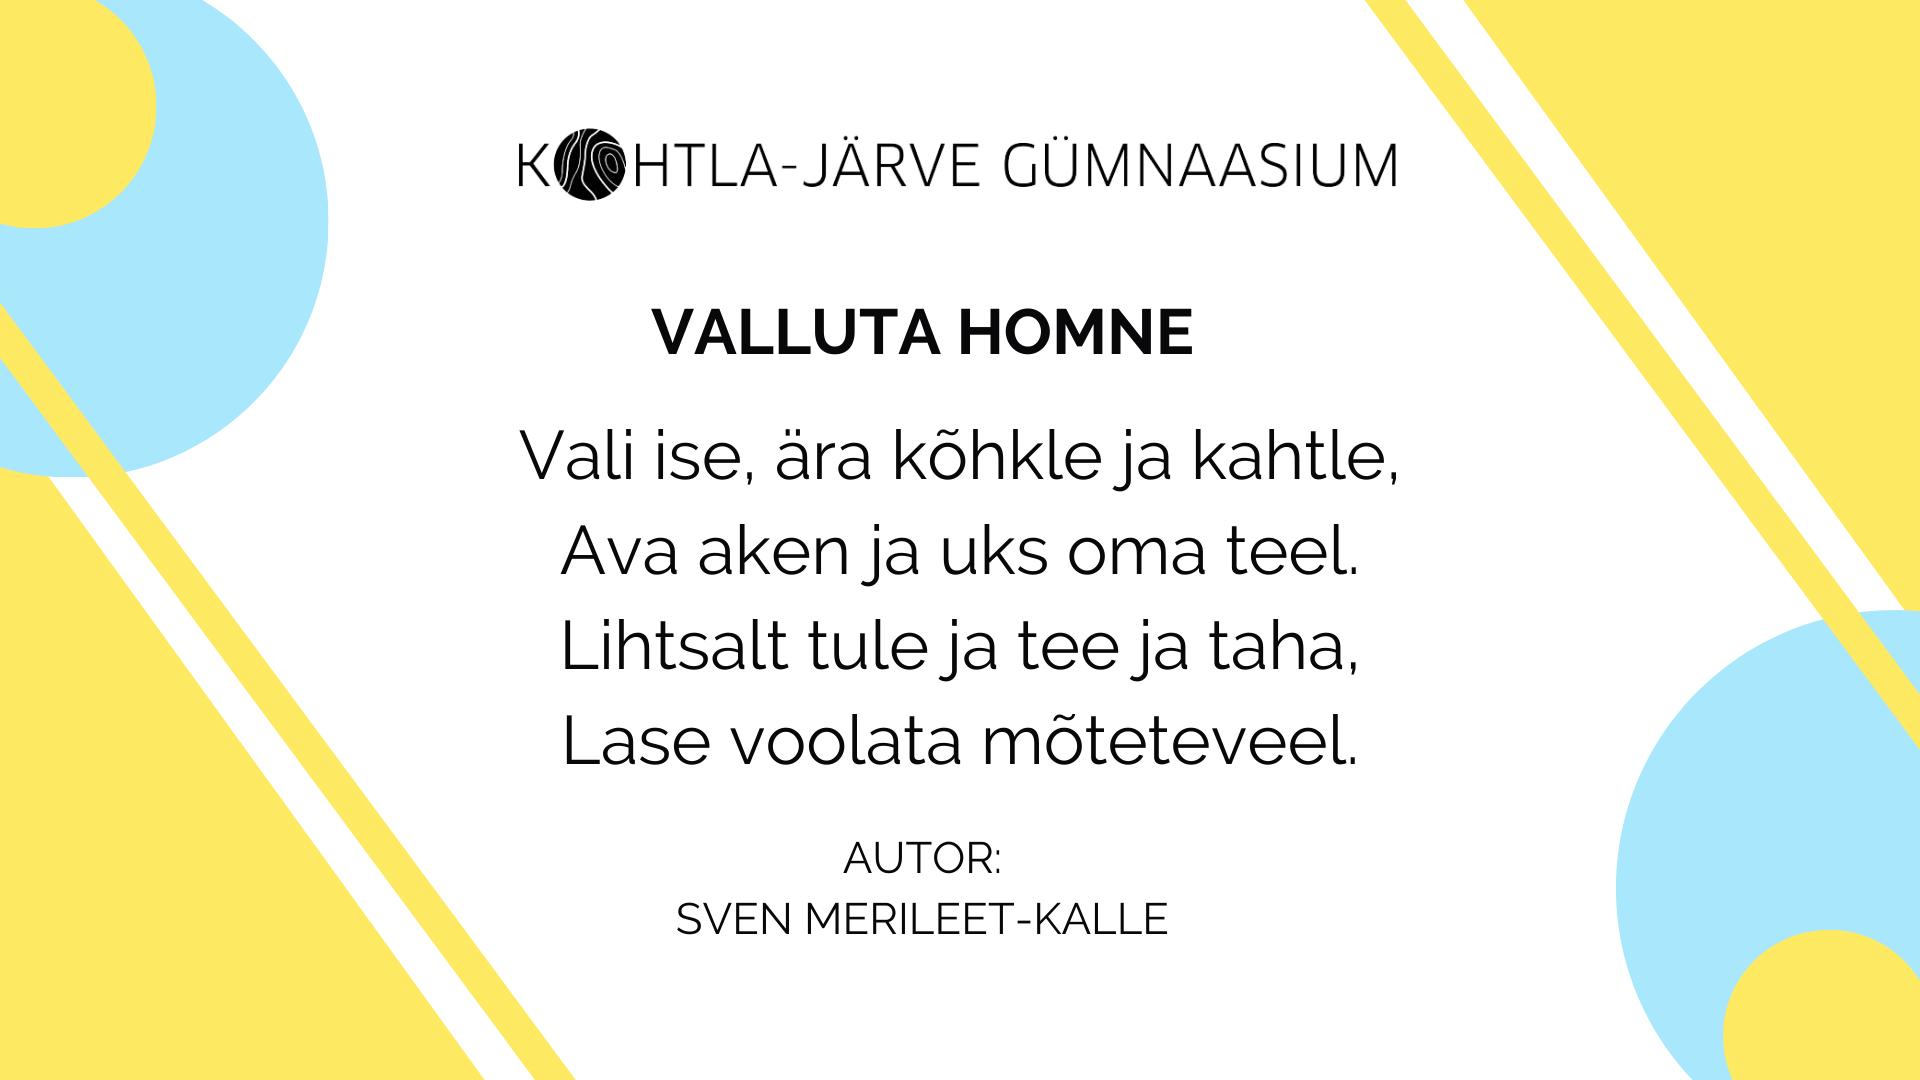 Miks tulla Kohtla-Järve Gümnaasiumisse õppima? Õpilane Sven Merileet-Kalle vastab sellele läbi luuletuse.